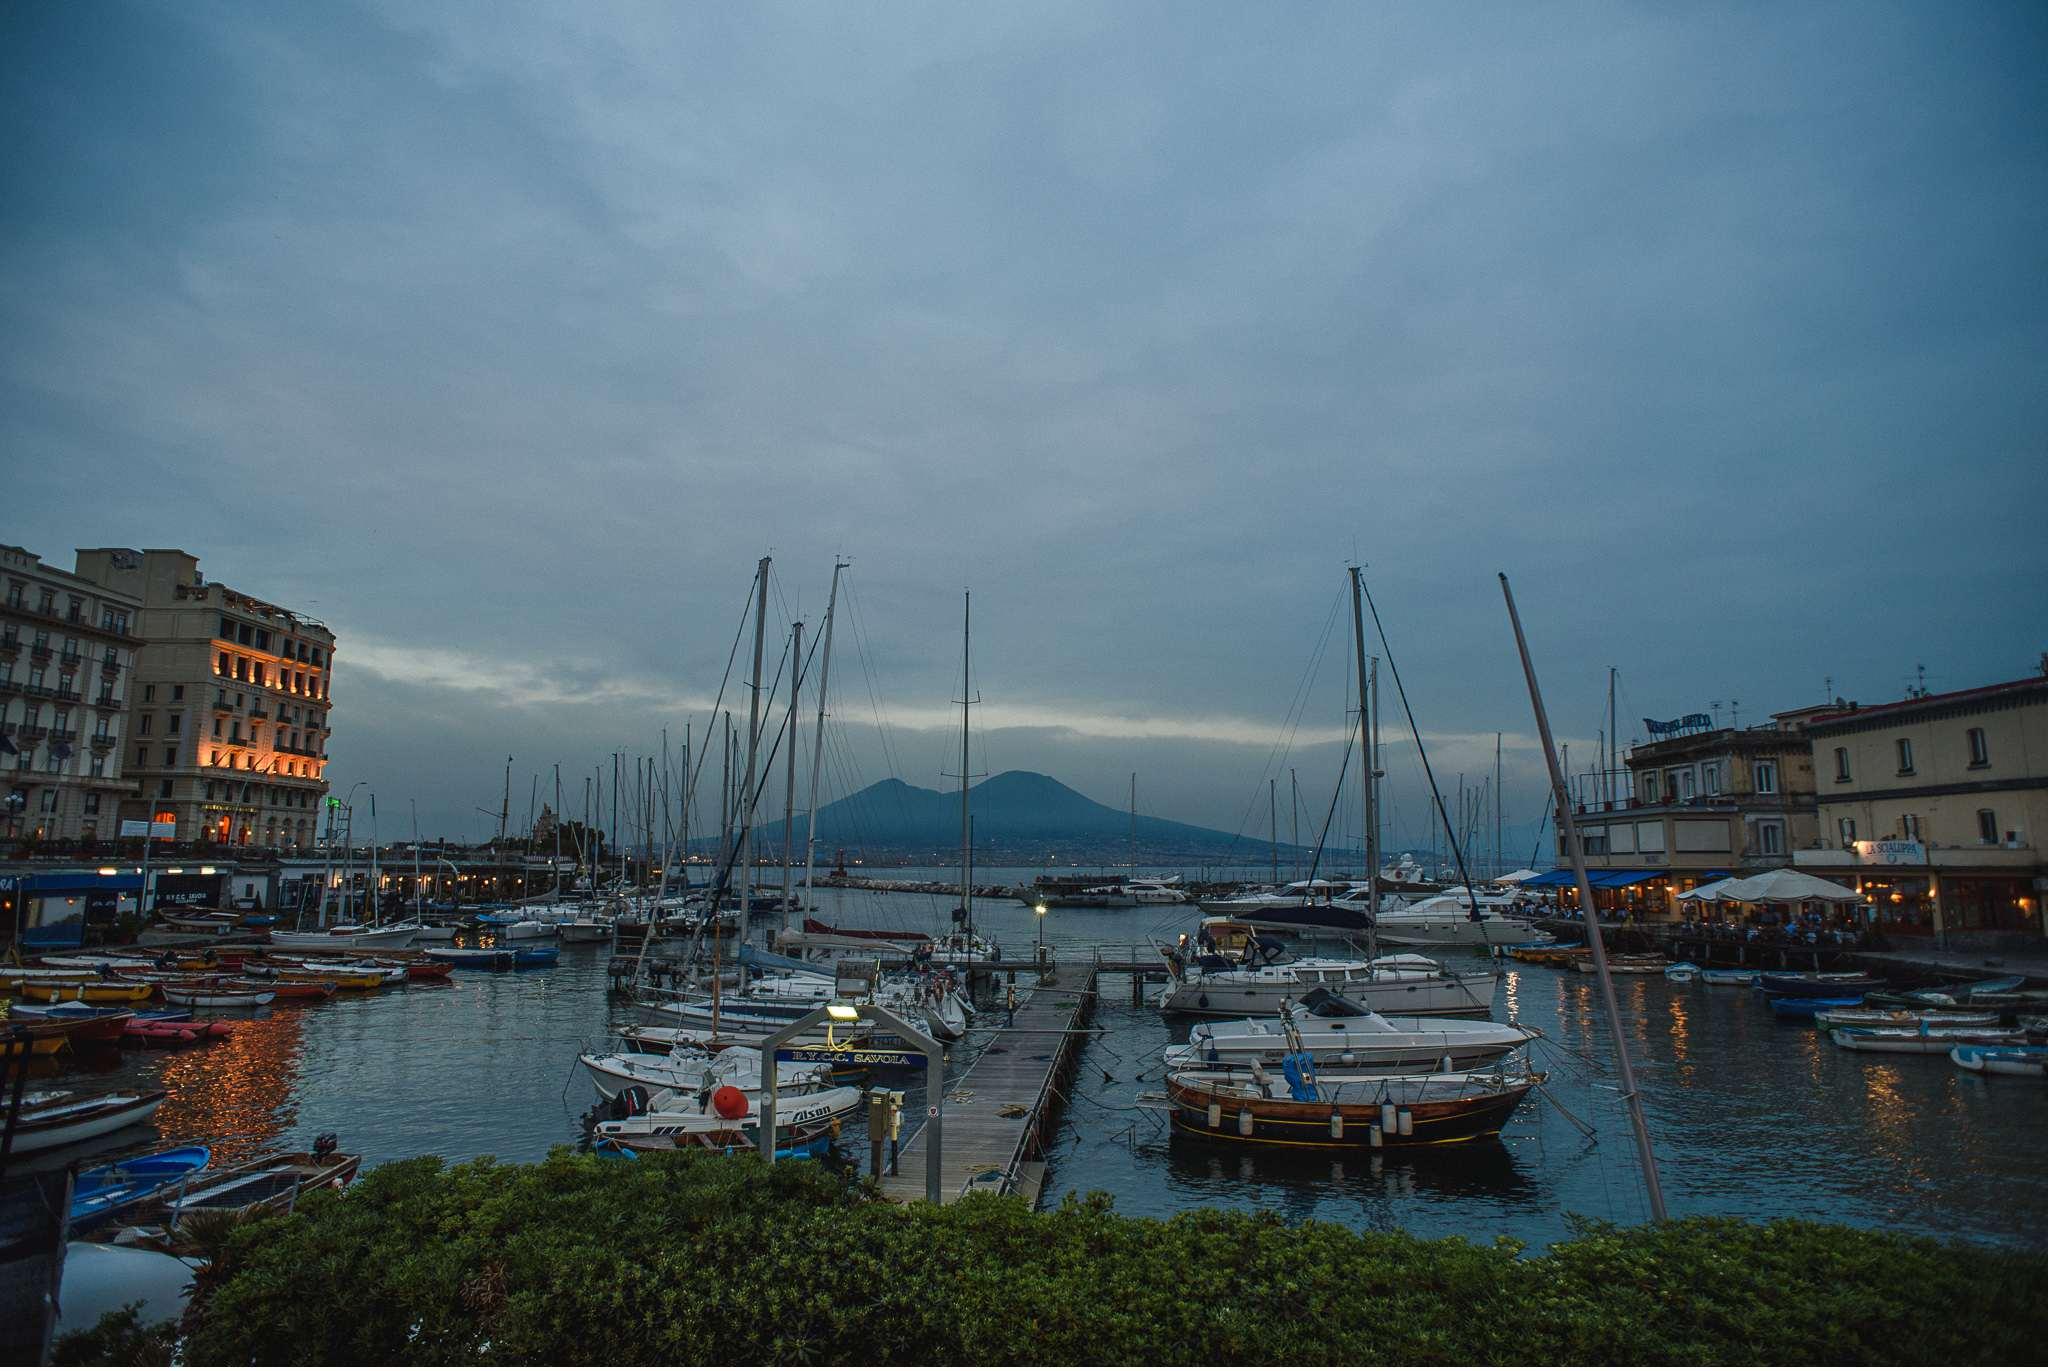 Interrail Reise - Italien Neapel - Geschichten von unterwegs - Foto Daniel Kempf-Seifried-114